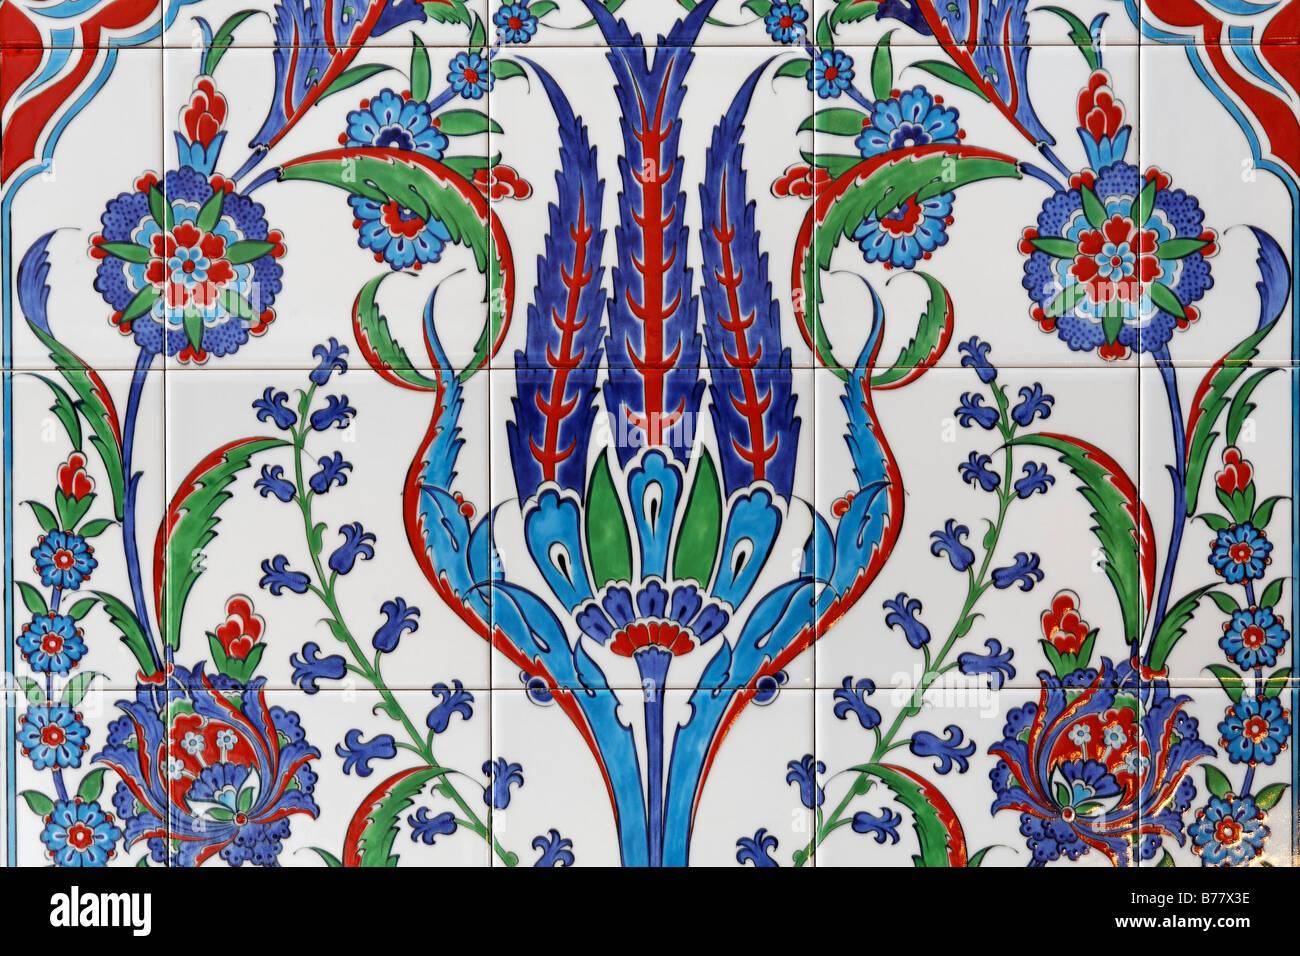 floral motifs in islamic art images. Black Bedroom Furniture Sets. Home Design Ideas